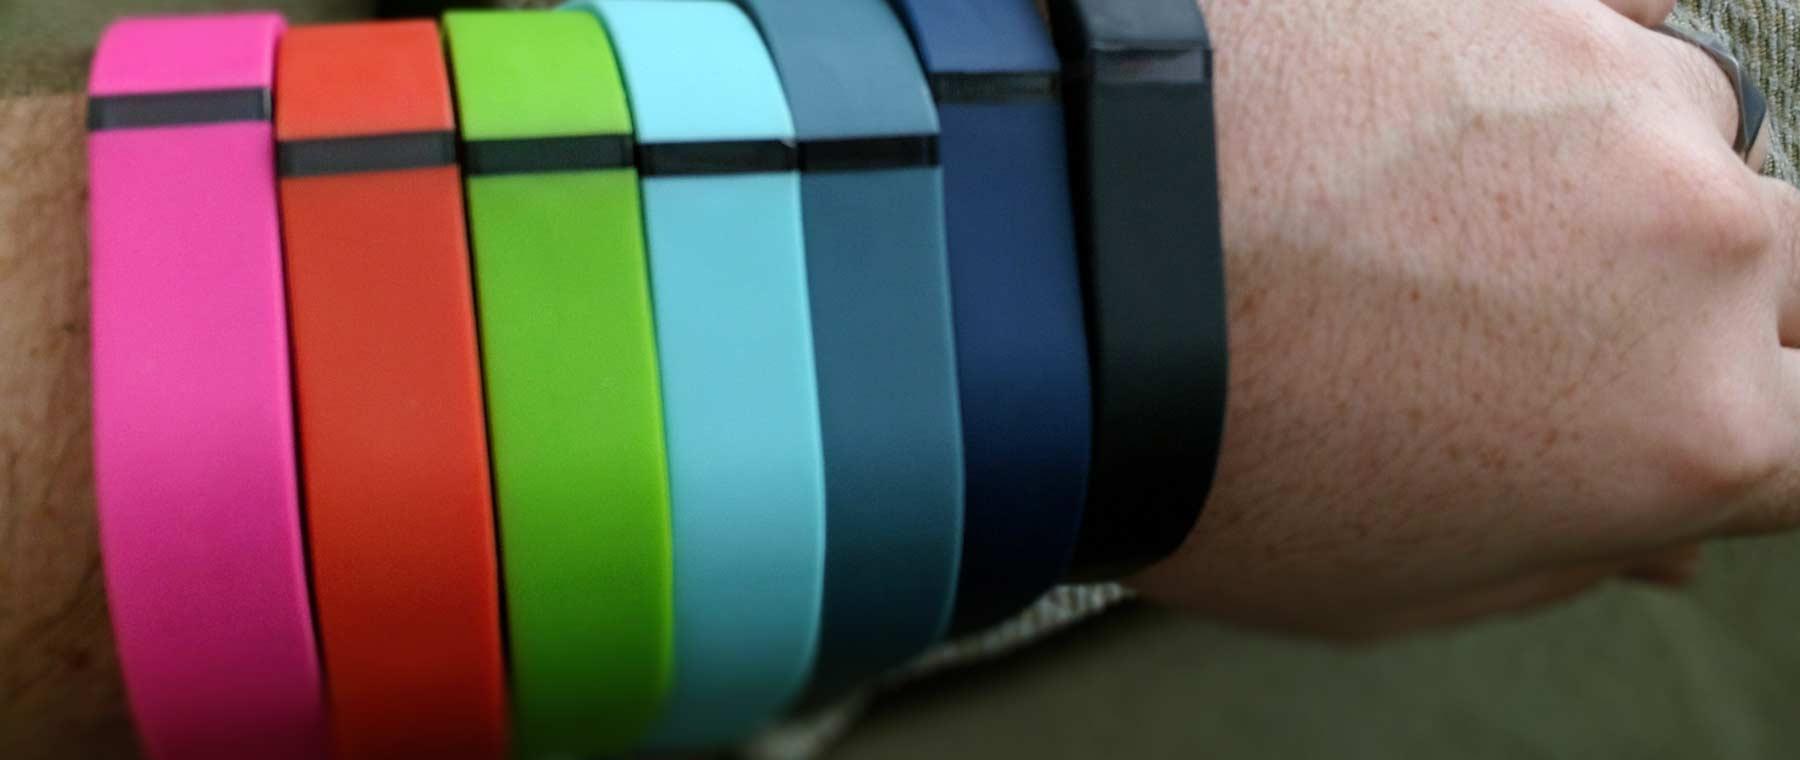 Fitbit Flex color bands